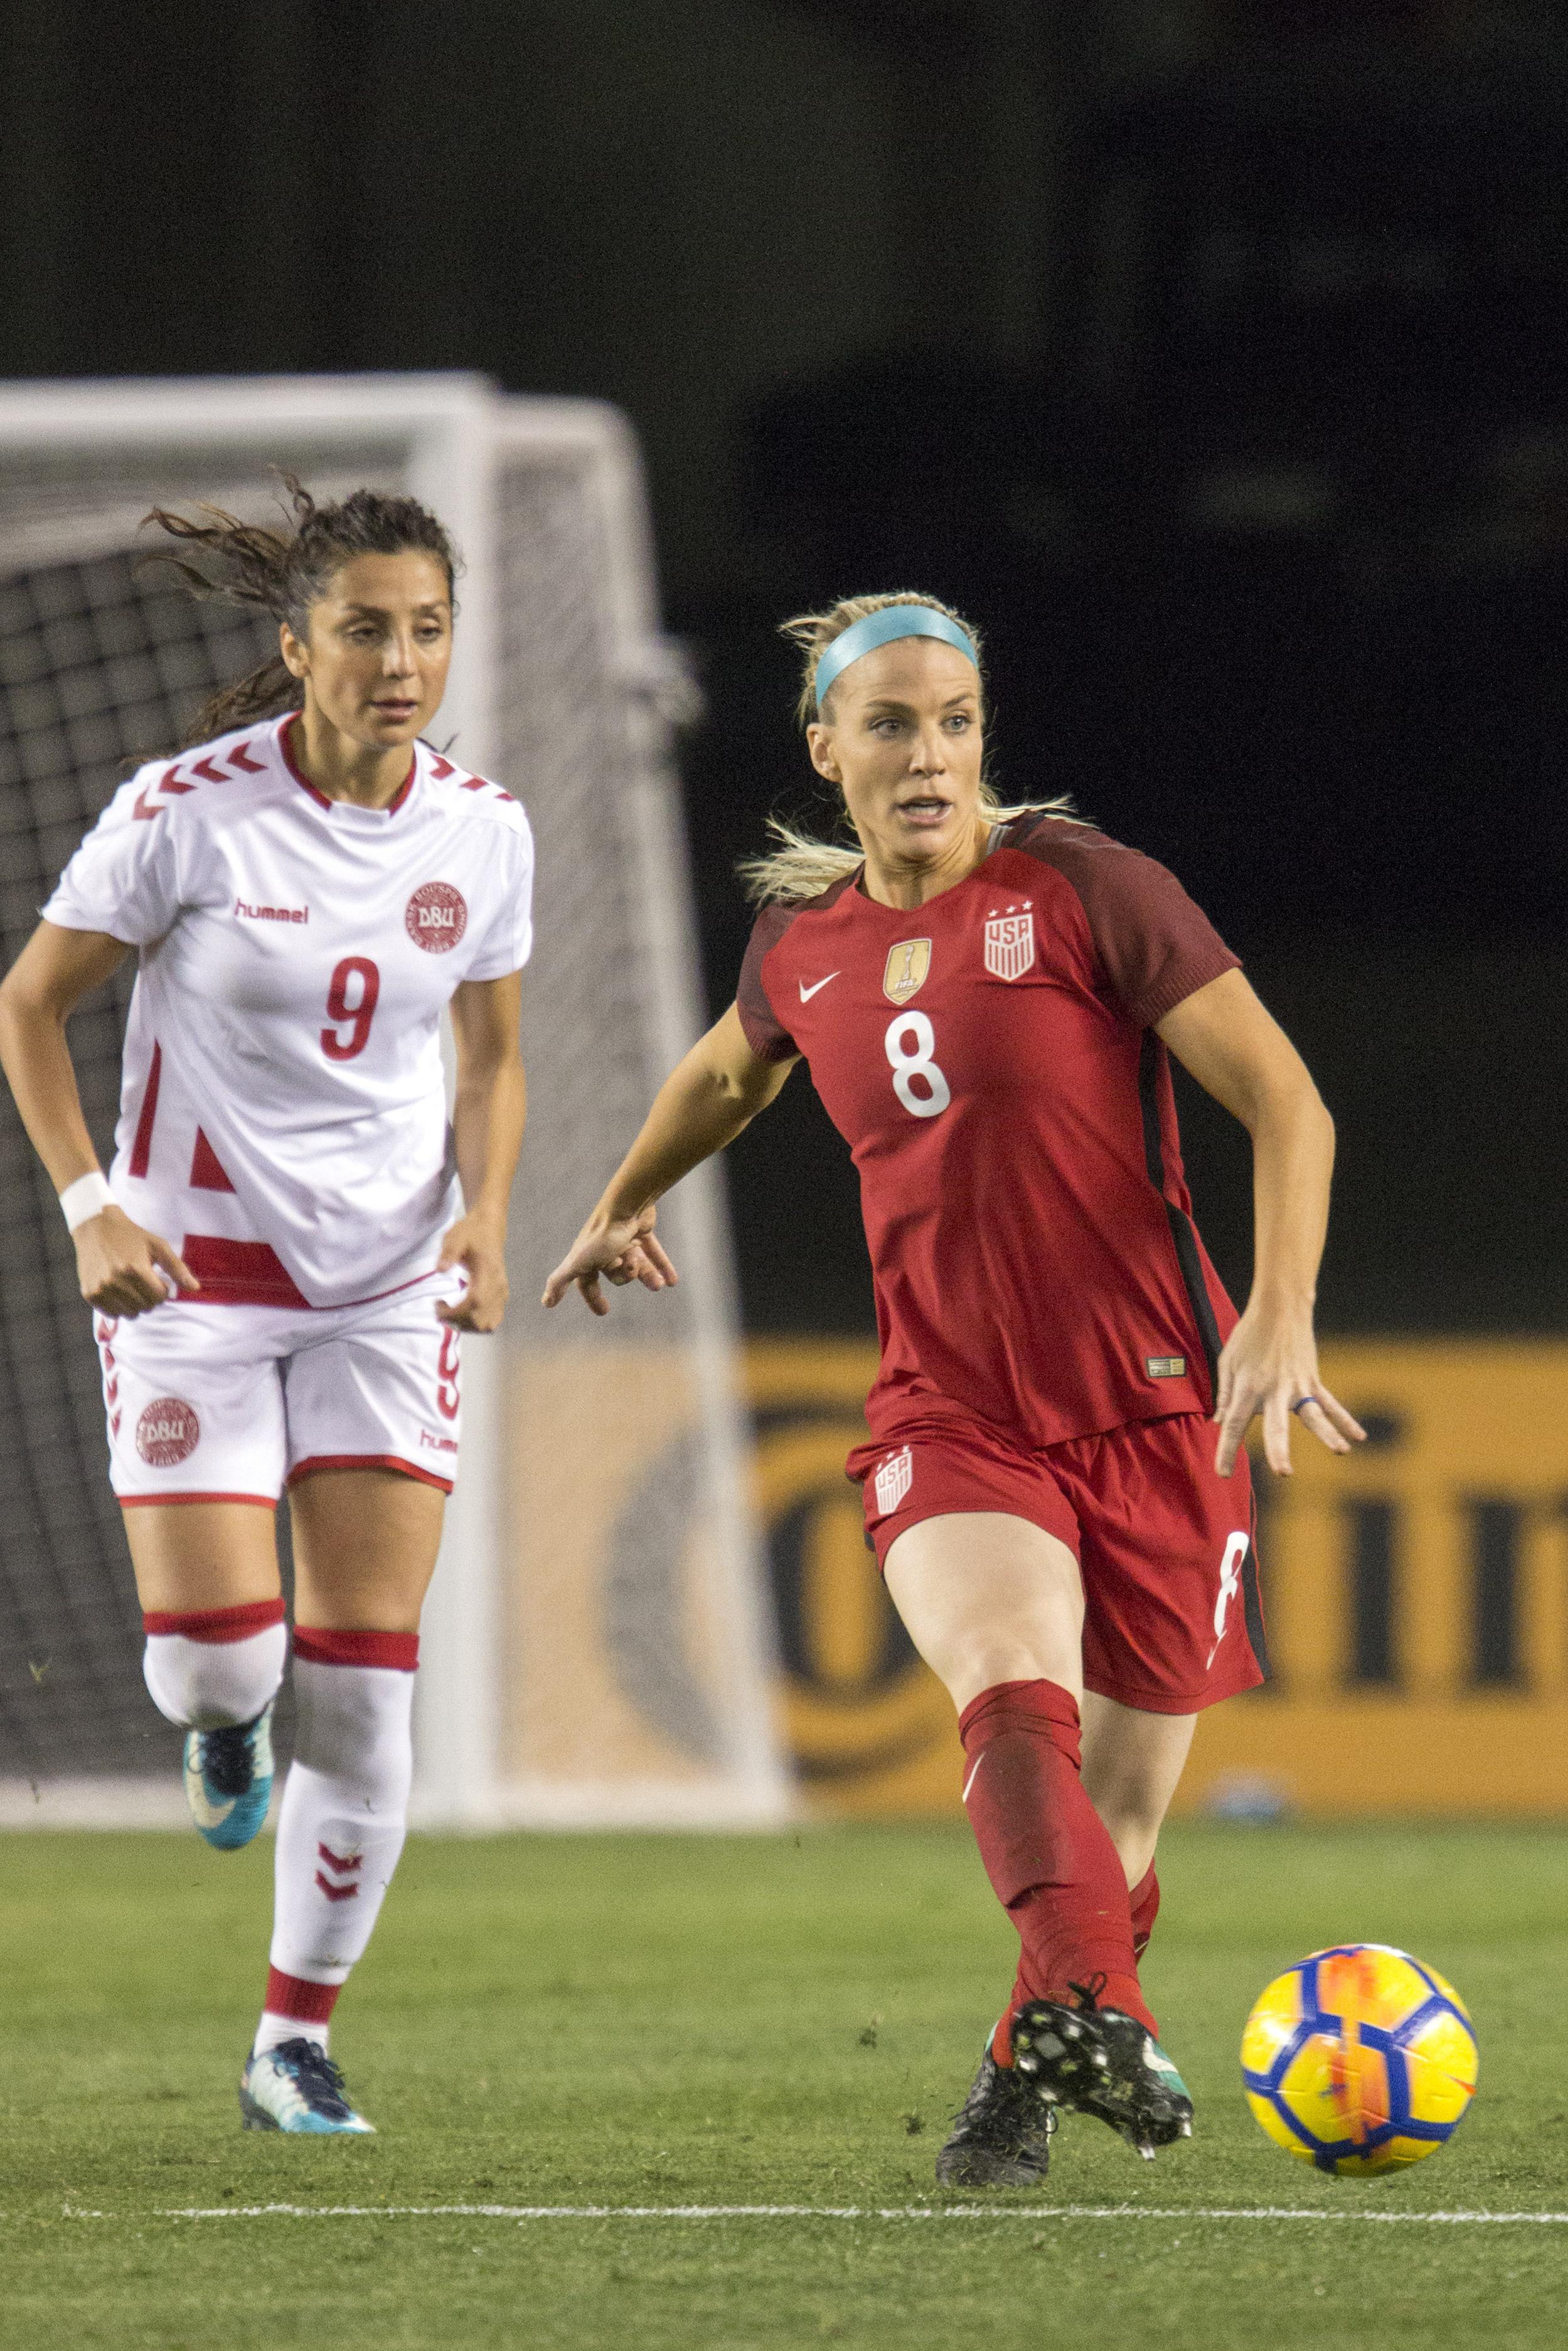 SOCCER: JAN 21 Women's - Denmark v USA